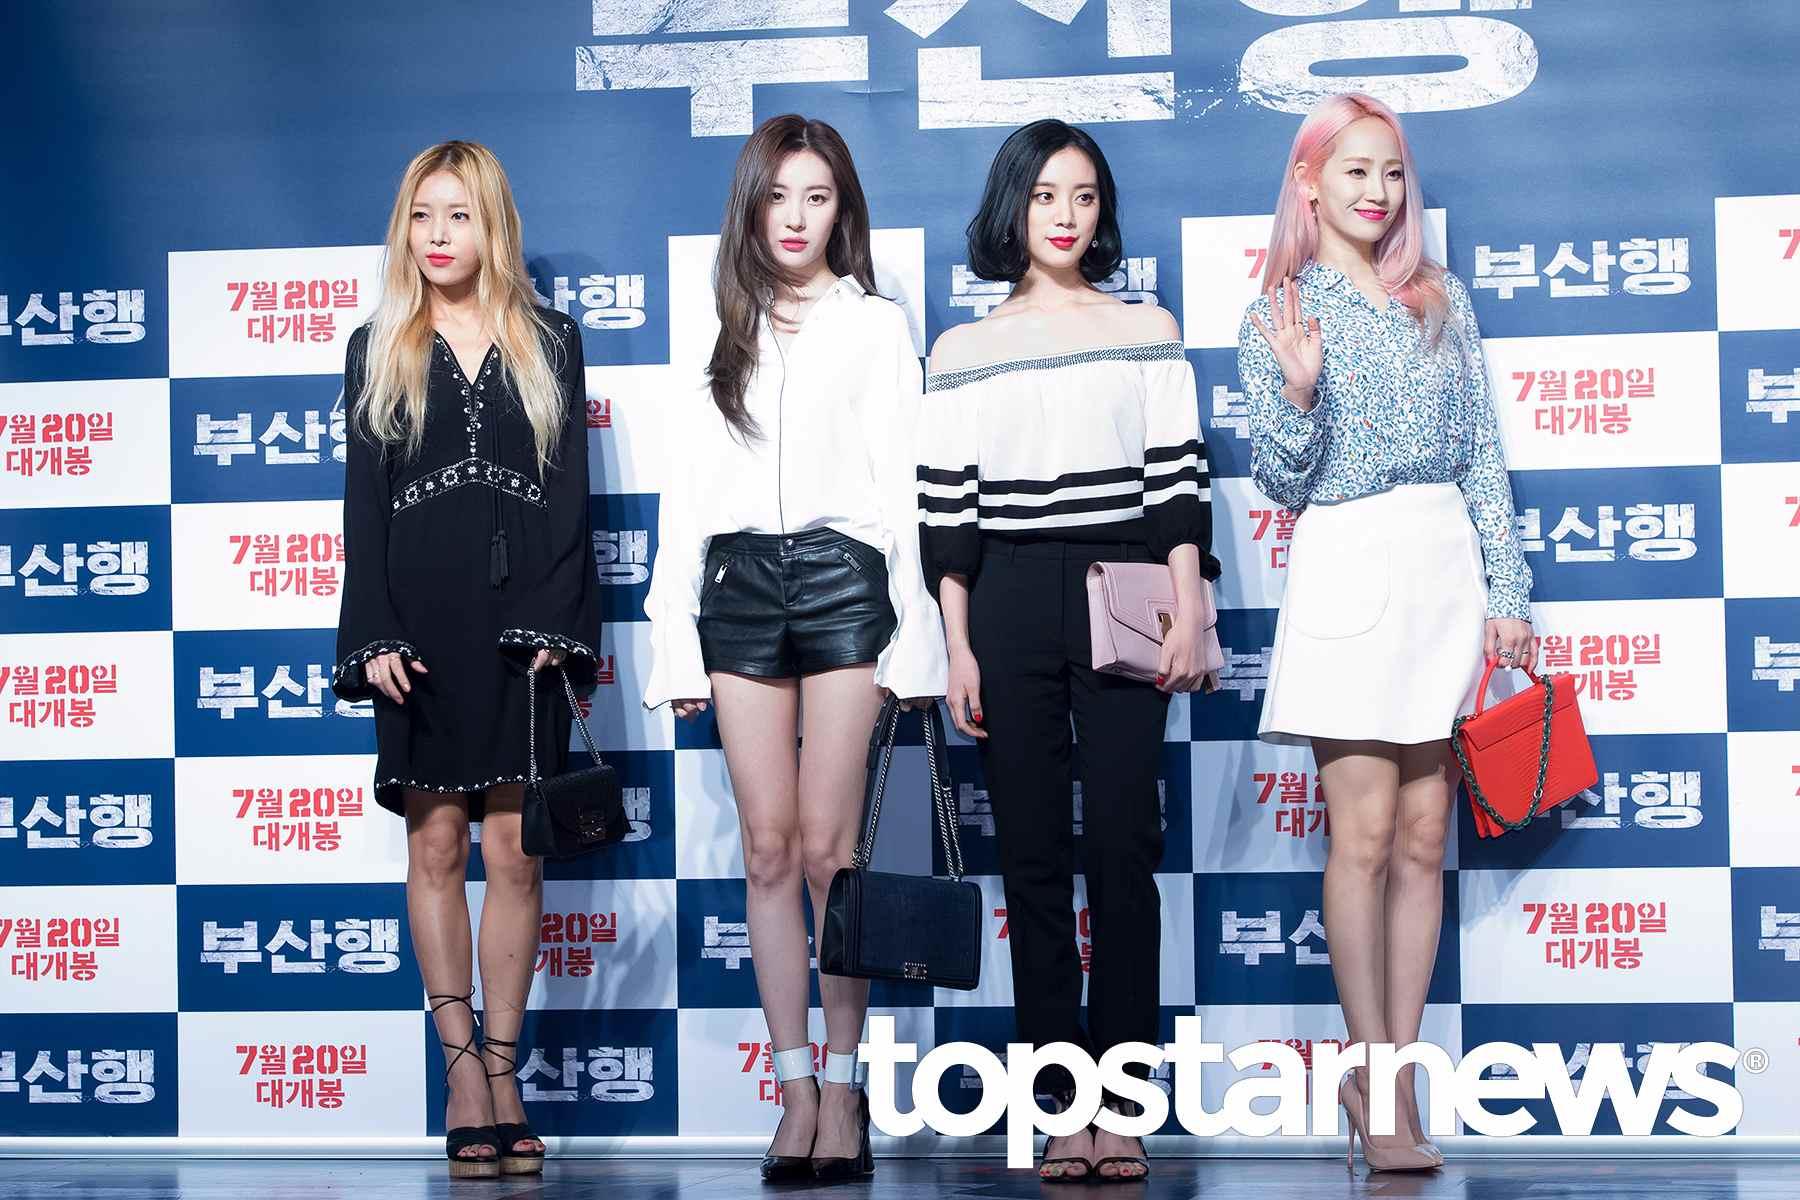 10位 Wonder Girls 43次 (出道日期:2007年2月10日/首次一位日期:2007年3月10日/相隔天數:28天)